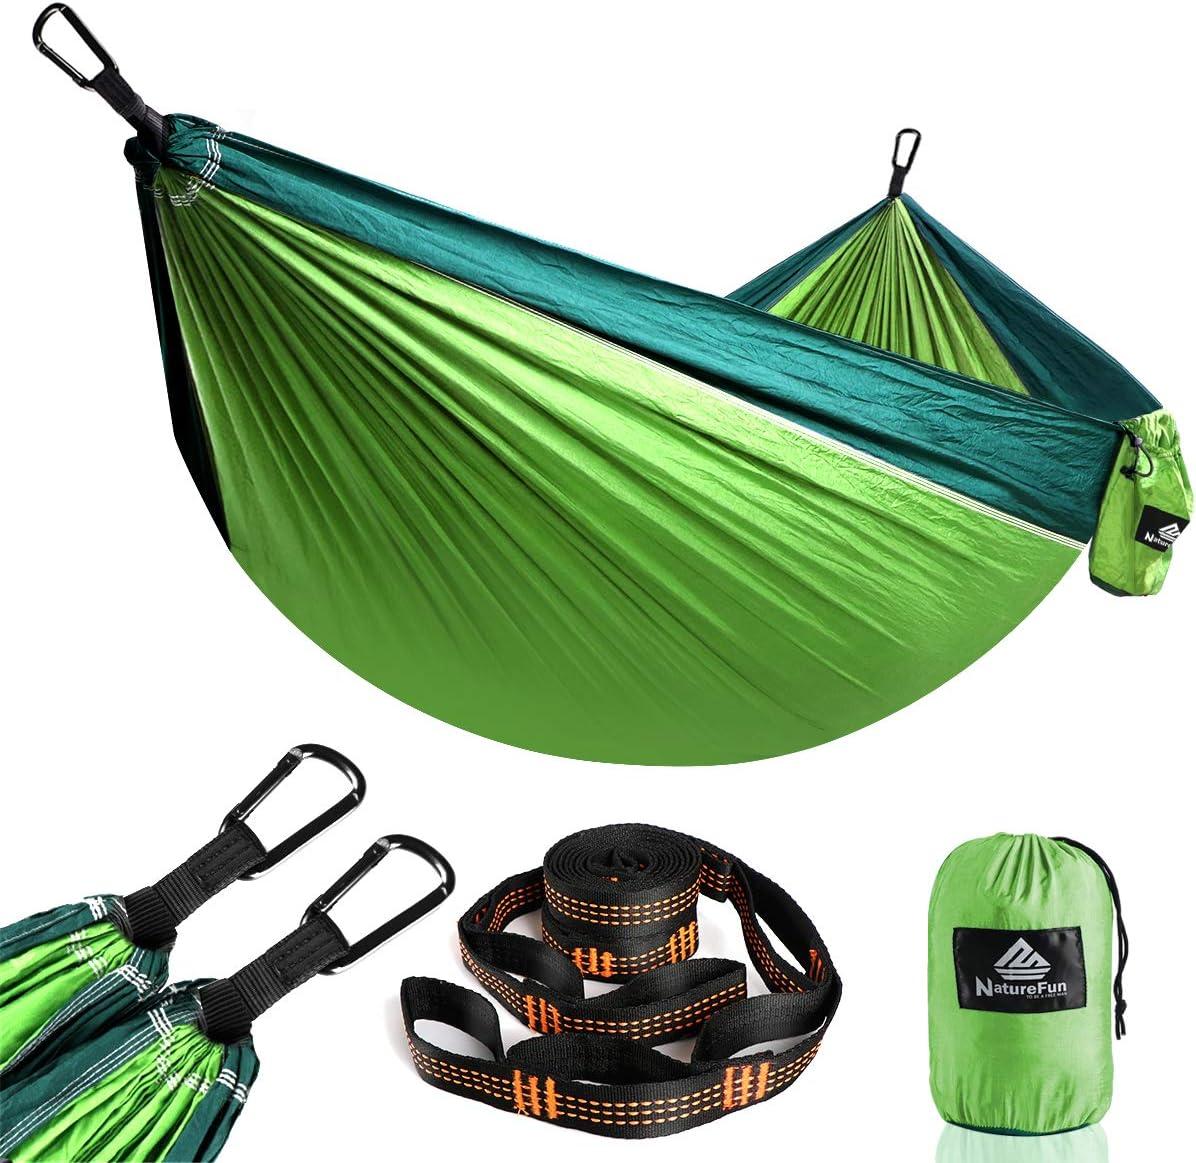 NatureFun Ultraleichte Reise Camping Hängematte   300kg Tragkraft, (275 x 140 cm) Atmungsaktiv, Schnelltrocknendes Fallschirm Nylon   2 x Premium...